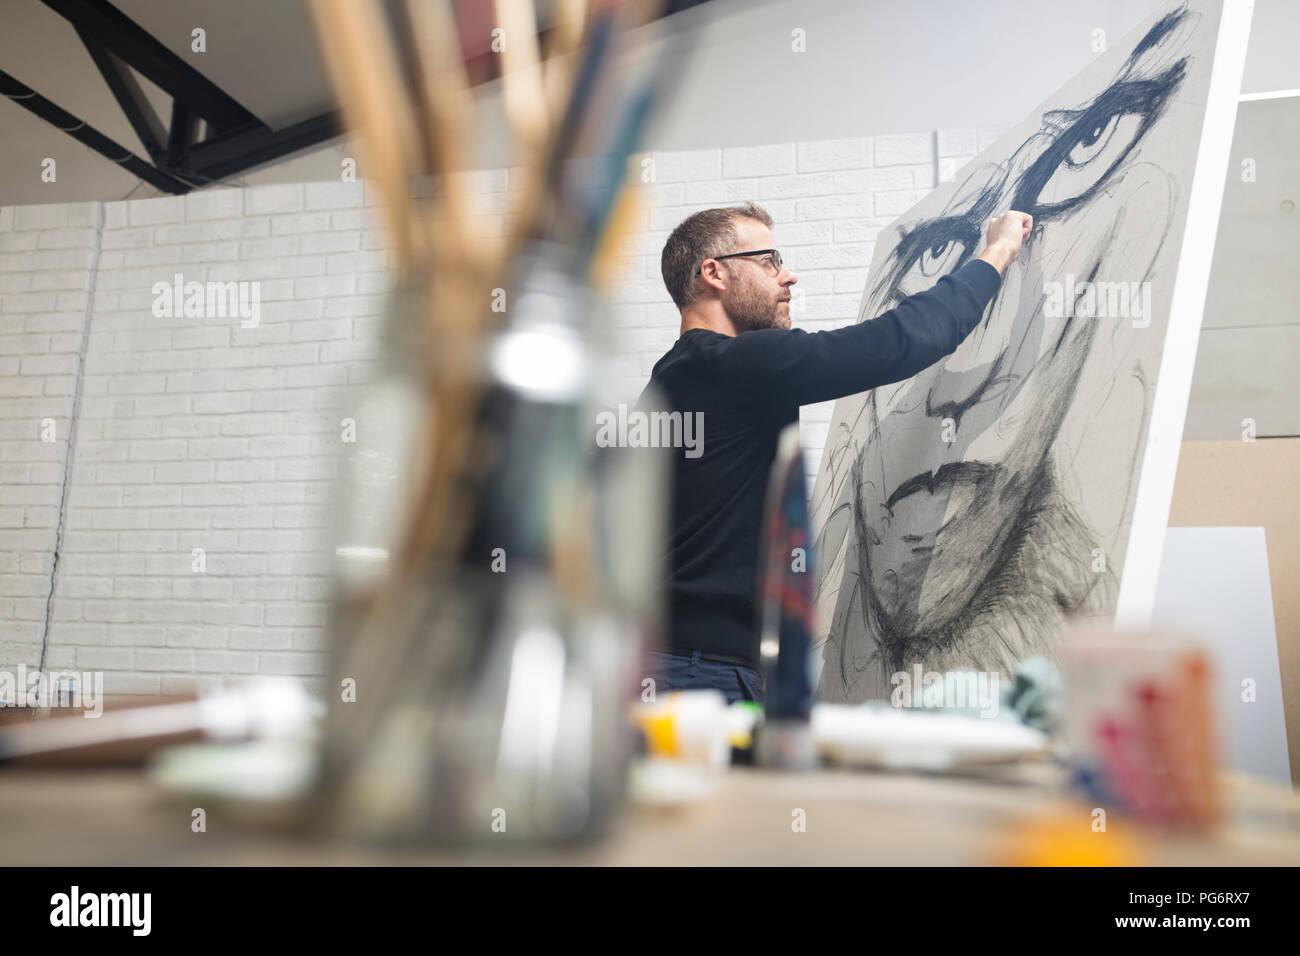 Contrôle de l'homme dessin dans studio Banque D'Images